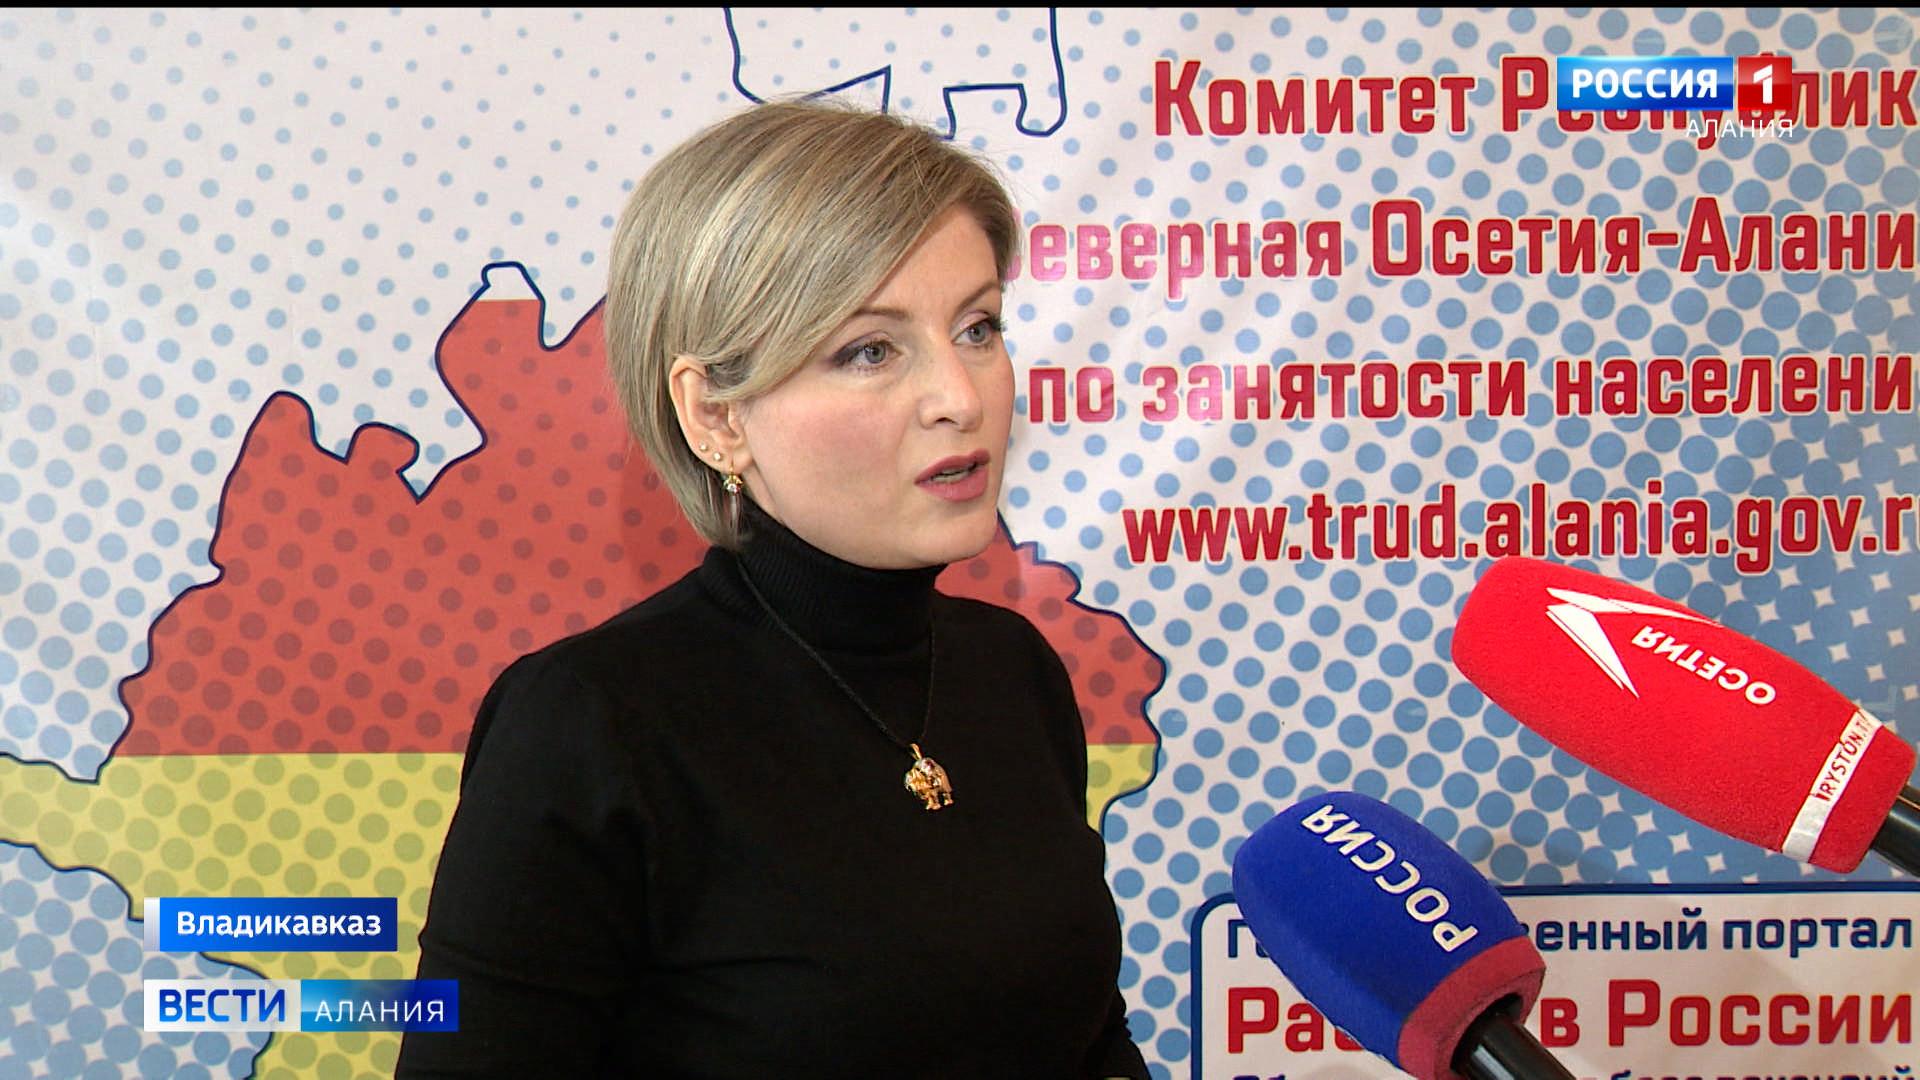 Альбина Плаева прокомментировала факт возбуждения уголовных дел в отношении бывших сотрудниц центра занятости в Ирафском районе